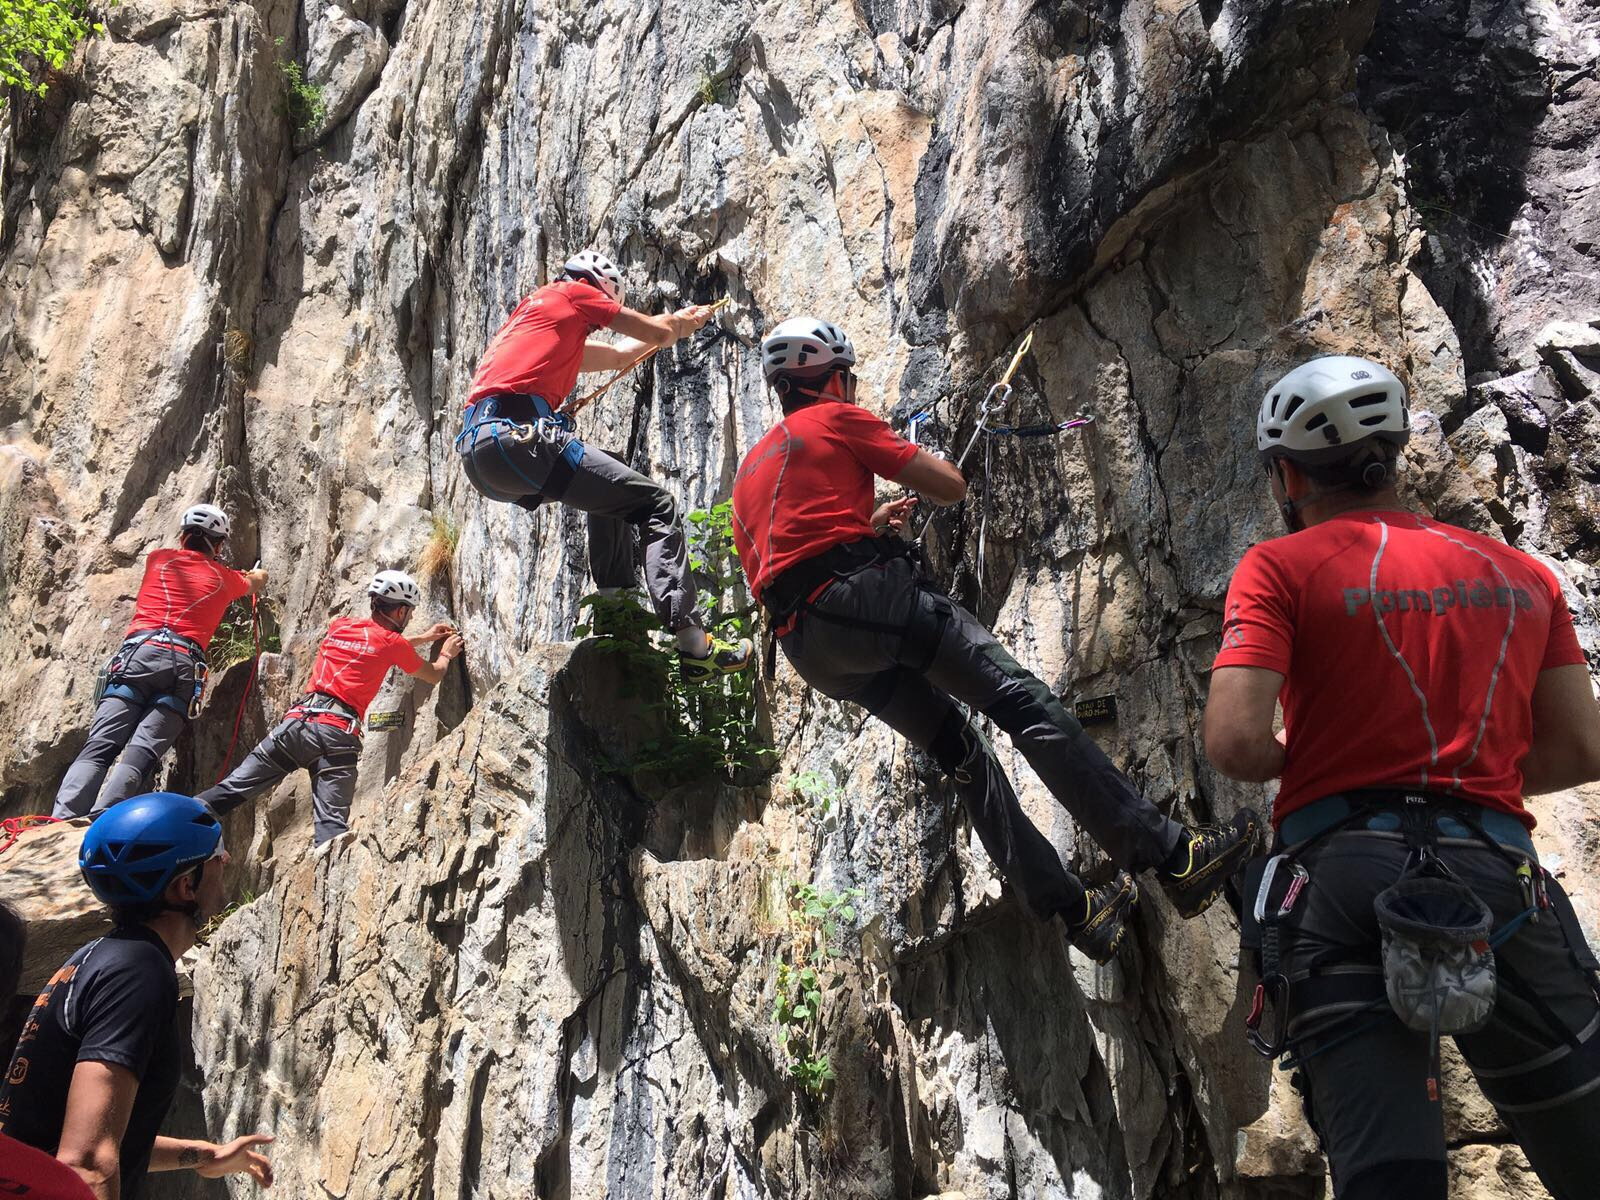 Valle de Arán, el paraíso de los deportes de montaña 1